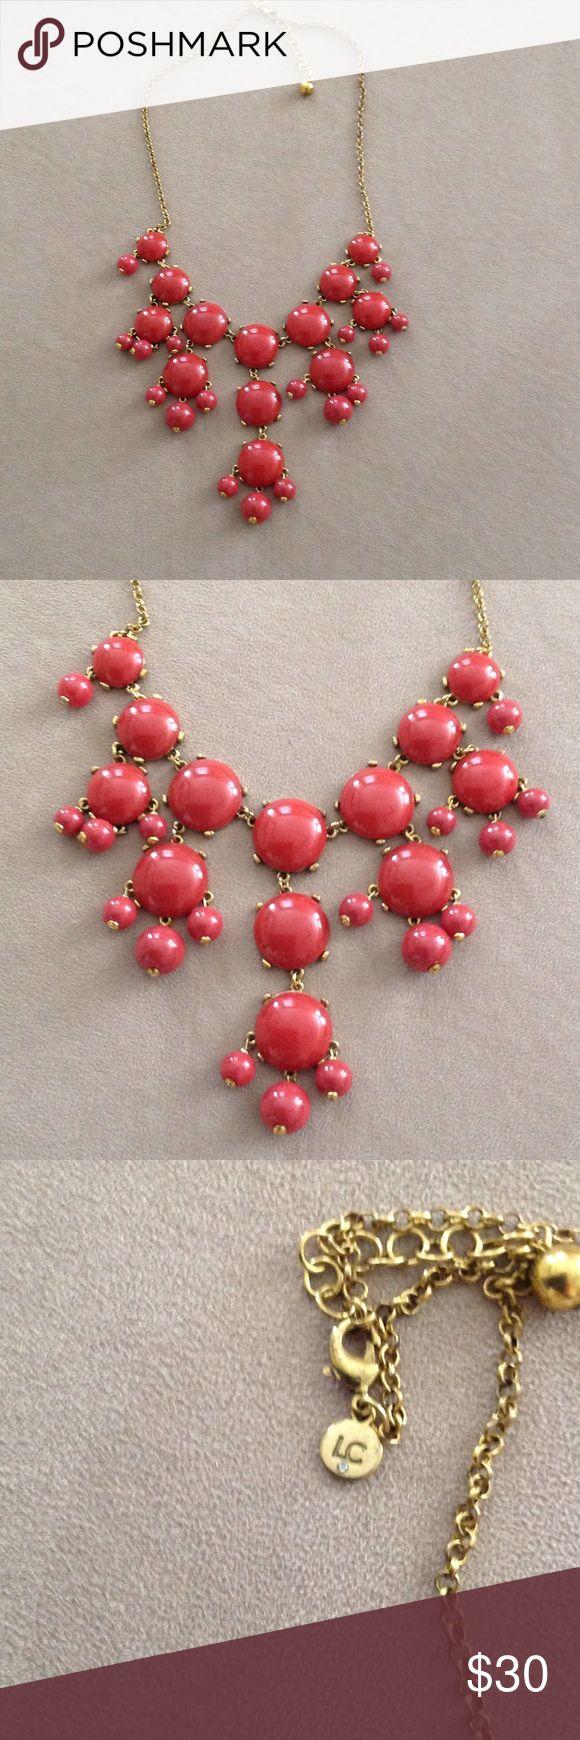 Liz Claiborne Bubble Necklace Liz Claiborne deep red bubble necklace. Antiqued gold chain. Liz Claiborne Jewelry Necklaces